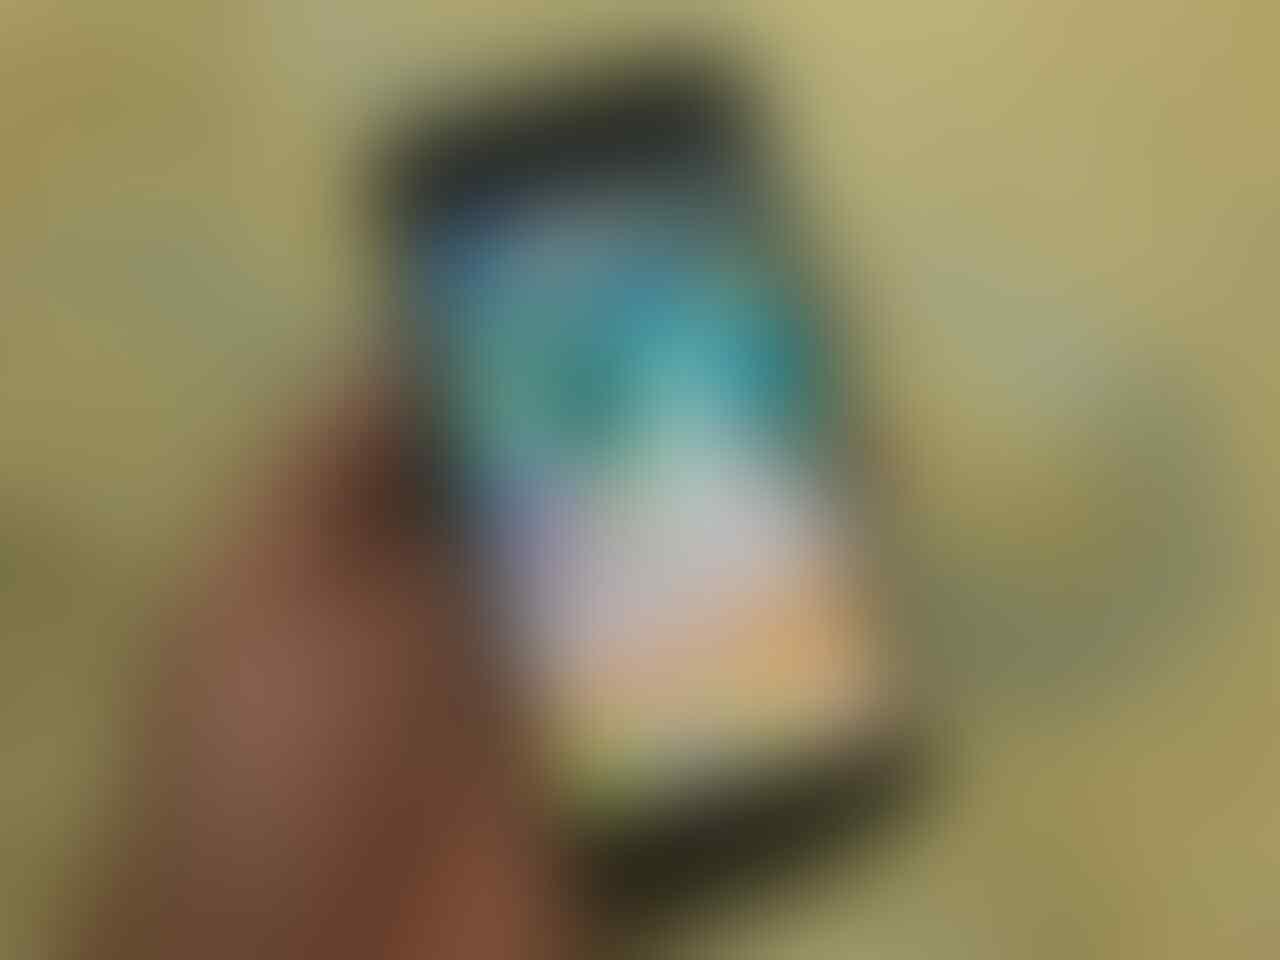 IPHONE 7 BLACKMATTE 128GB FU MULUS NORMAL MURAAH 7100 SAJA [MALANG]